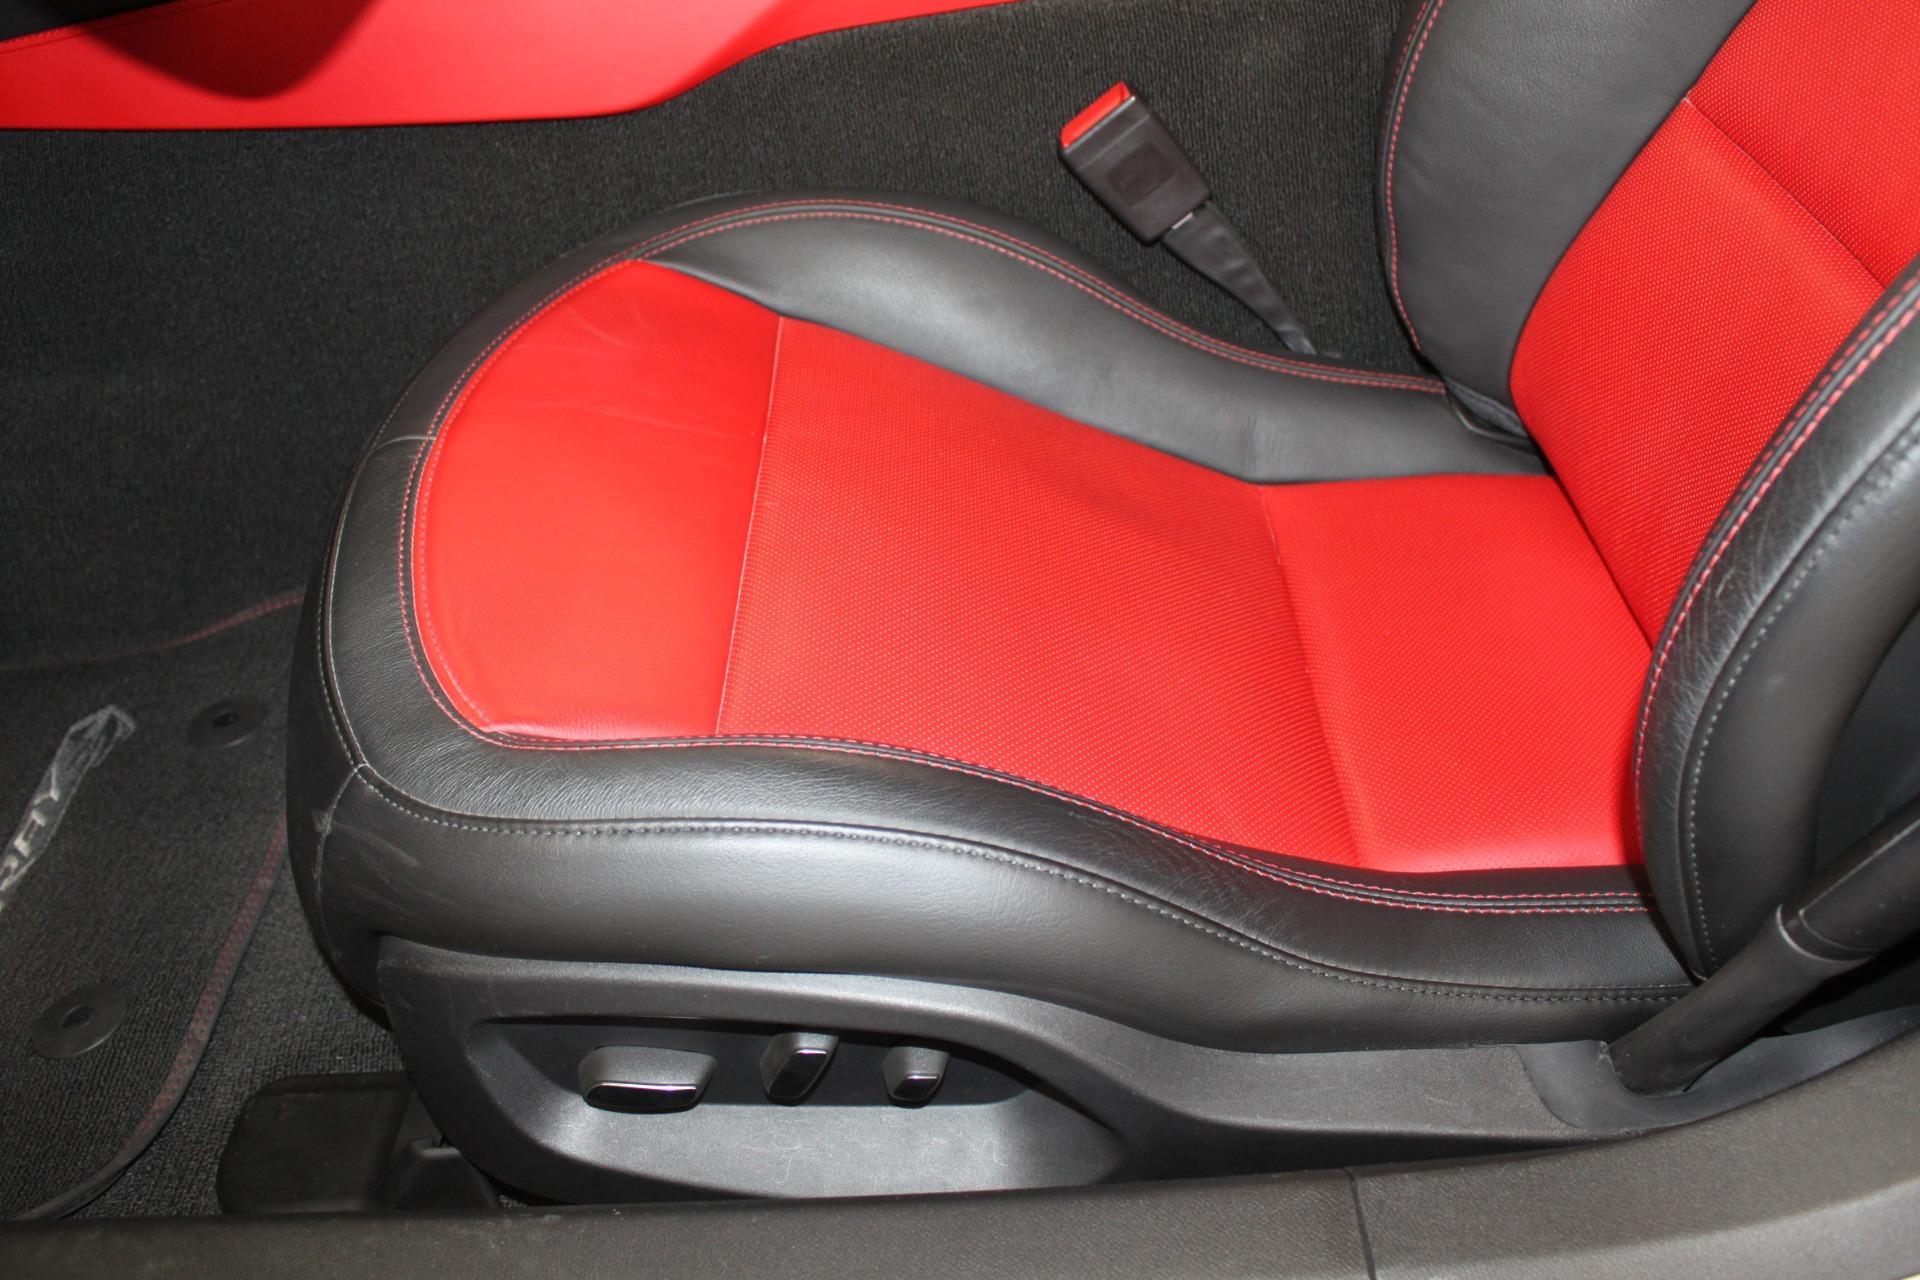 Used-2016-Chevrolet-Corvette-2LT-Chrysler